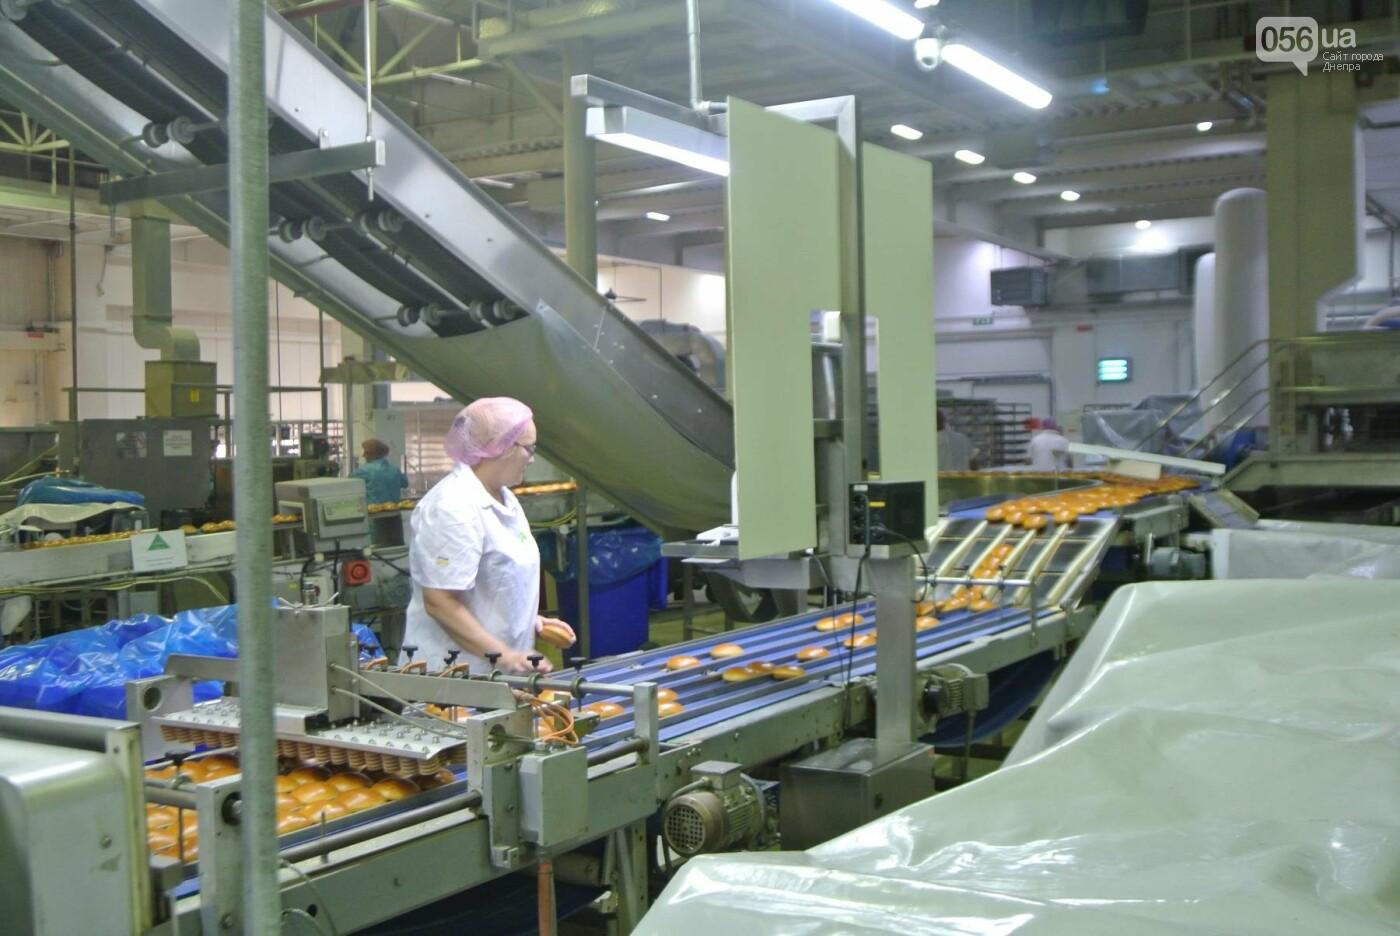 Как производят булочки для МакДональдс в Днепре (ФОТО, ВИДЕО), фото-1